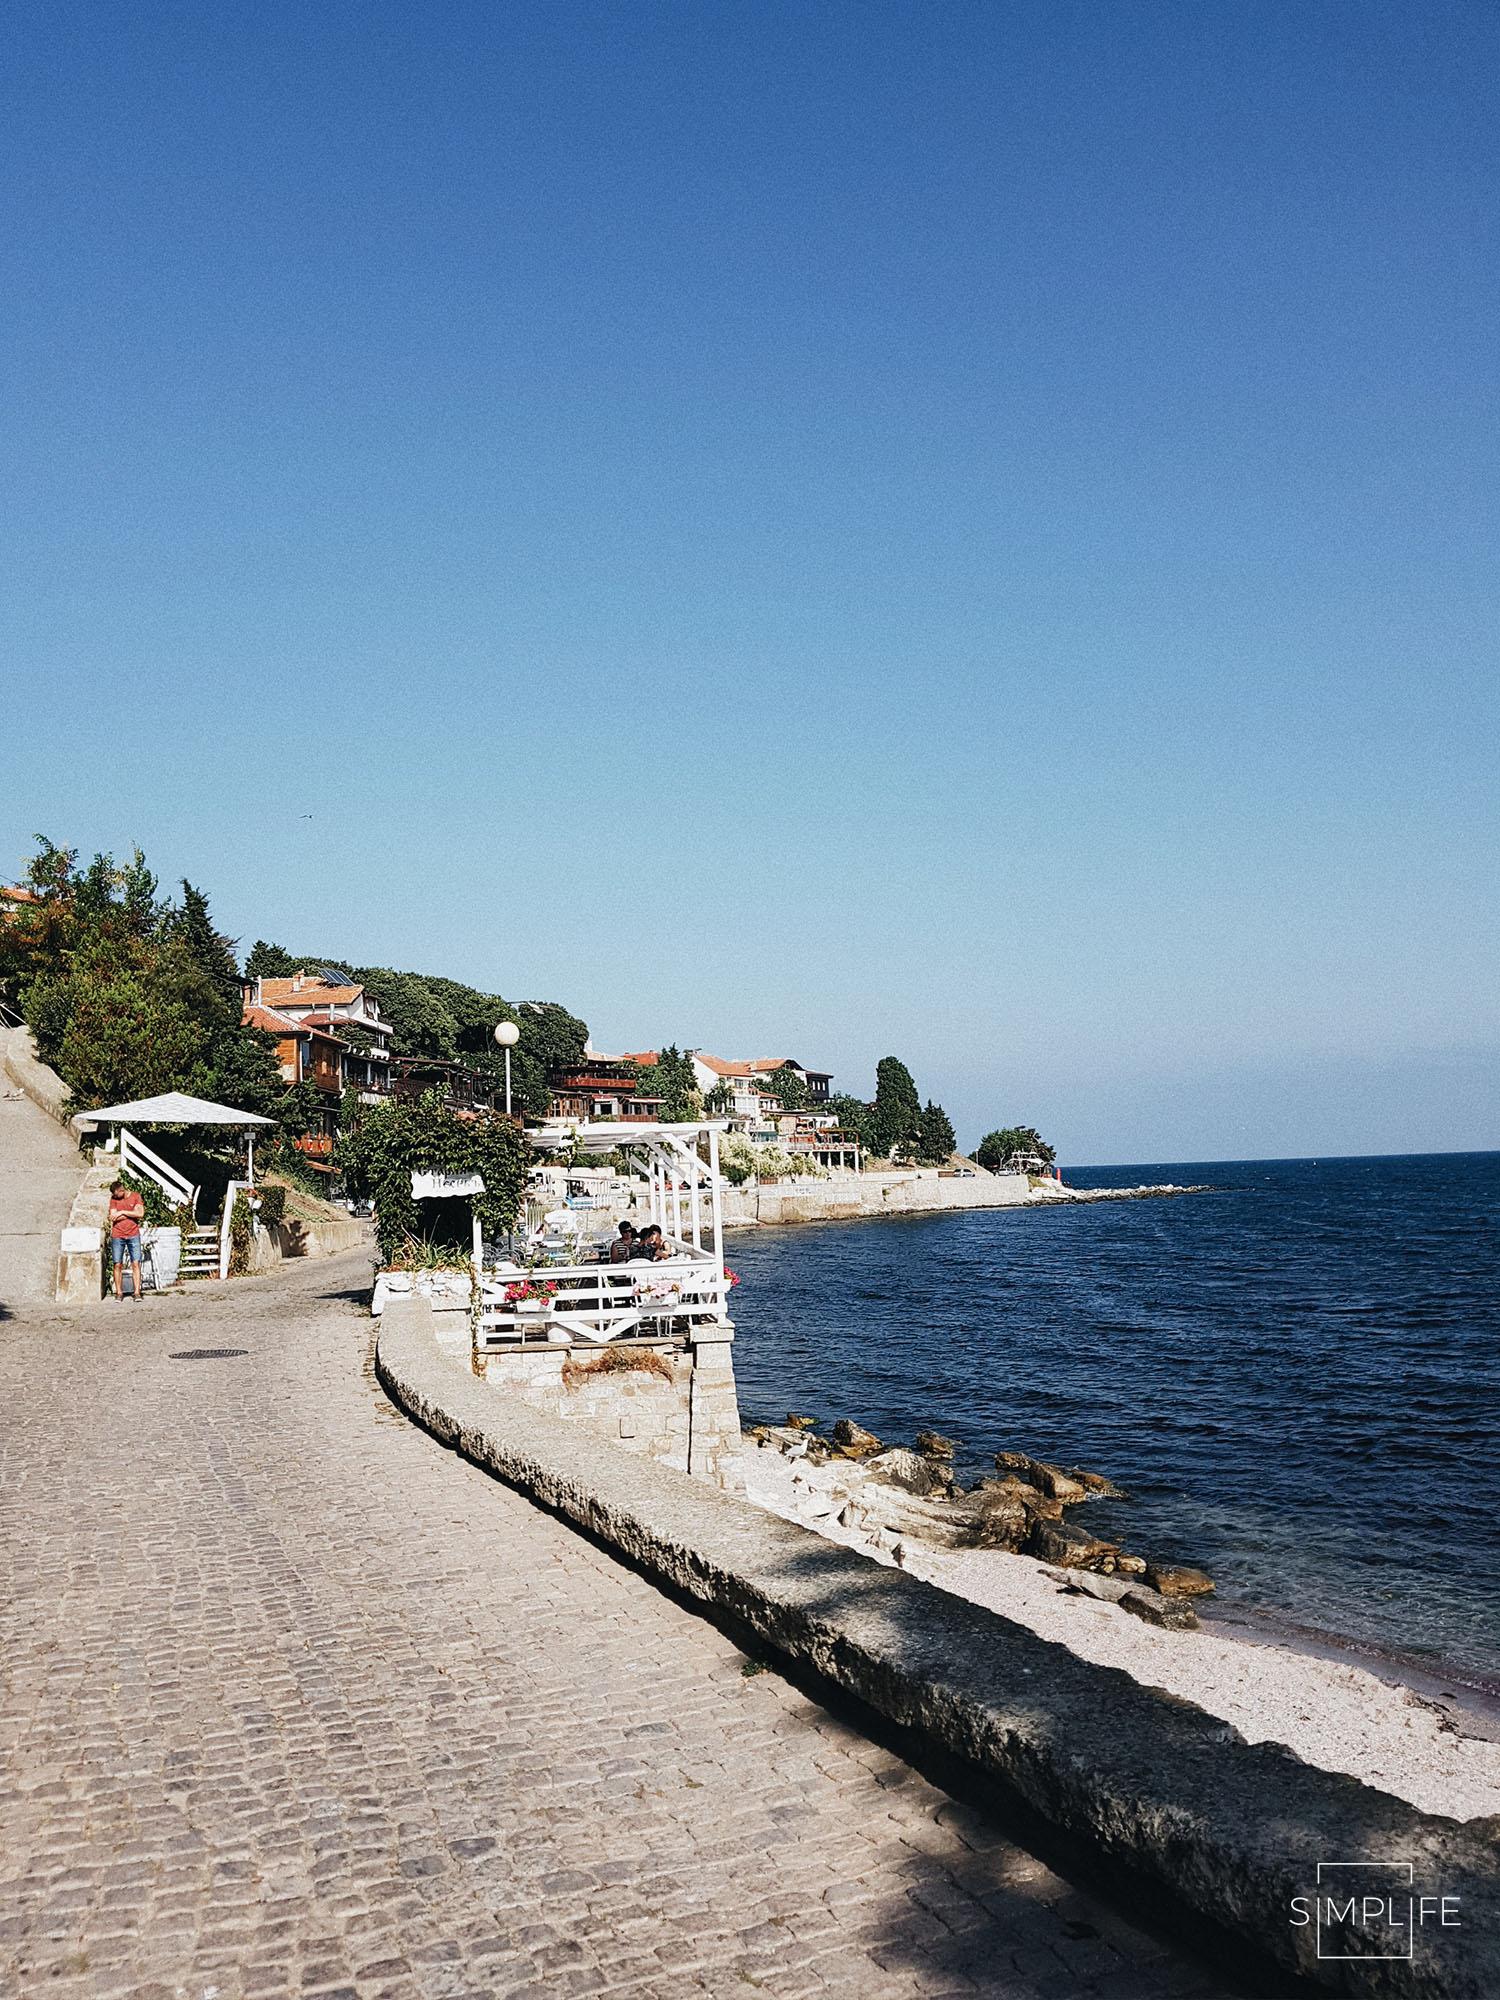 Bułgaria we wrześniu nesebar